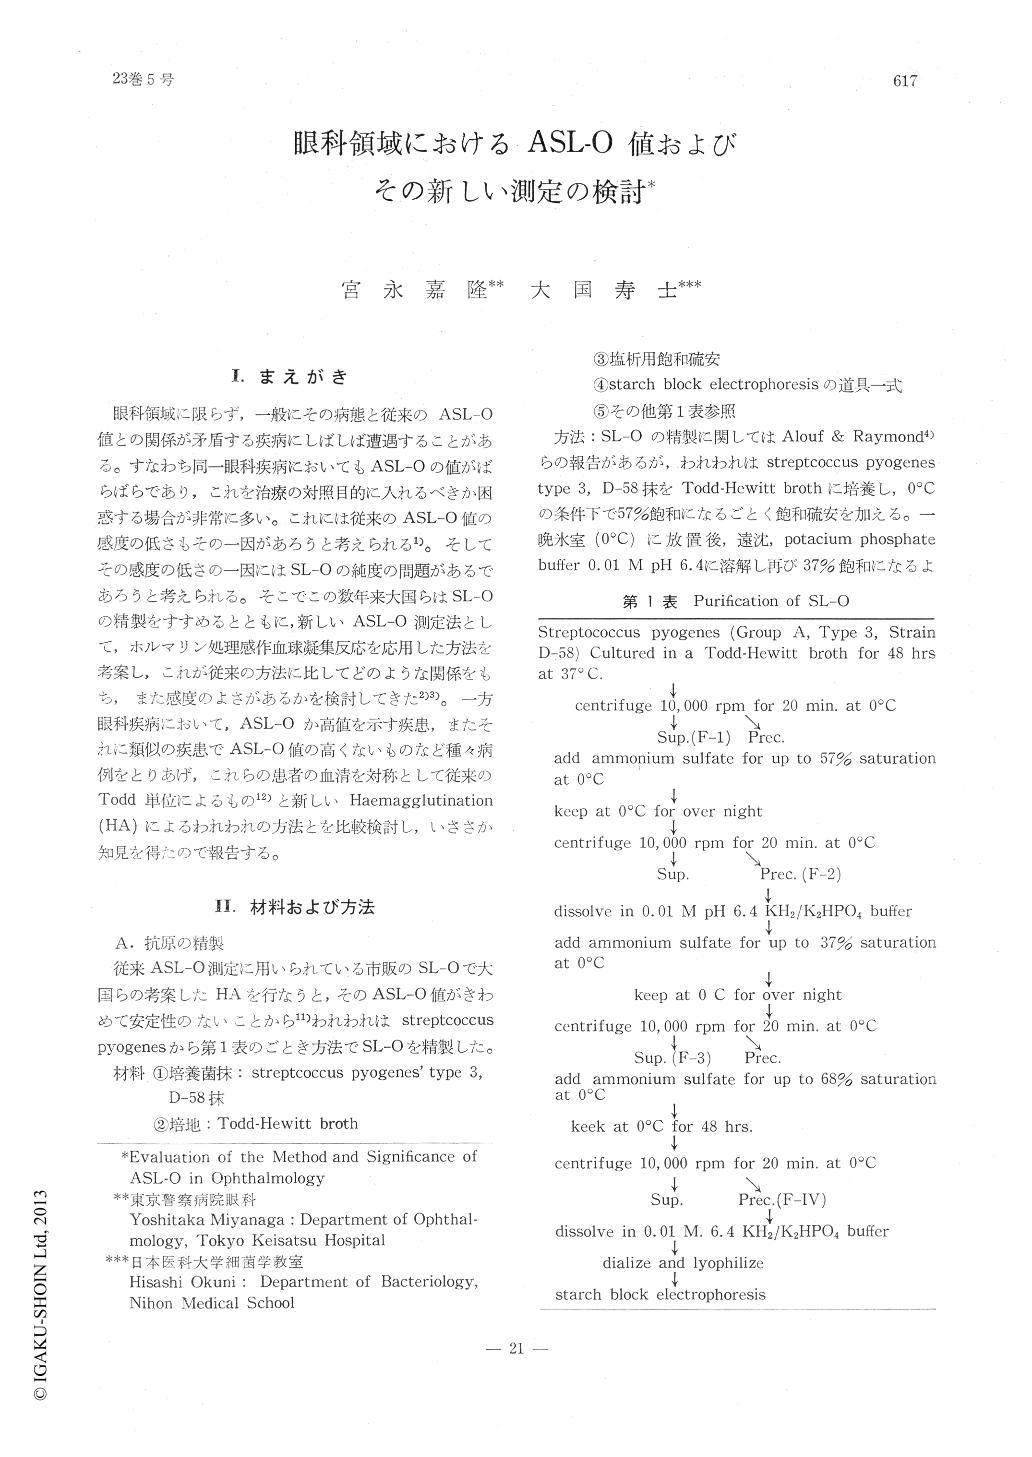 眼科領域におけるASL-O値およびその新しい測定の検討 (臨床眼科 23巻5号)   医書.jp